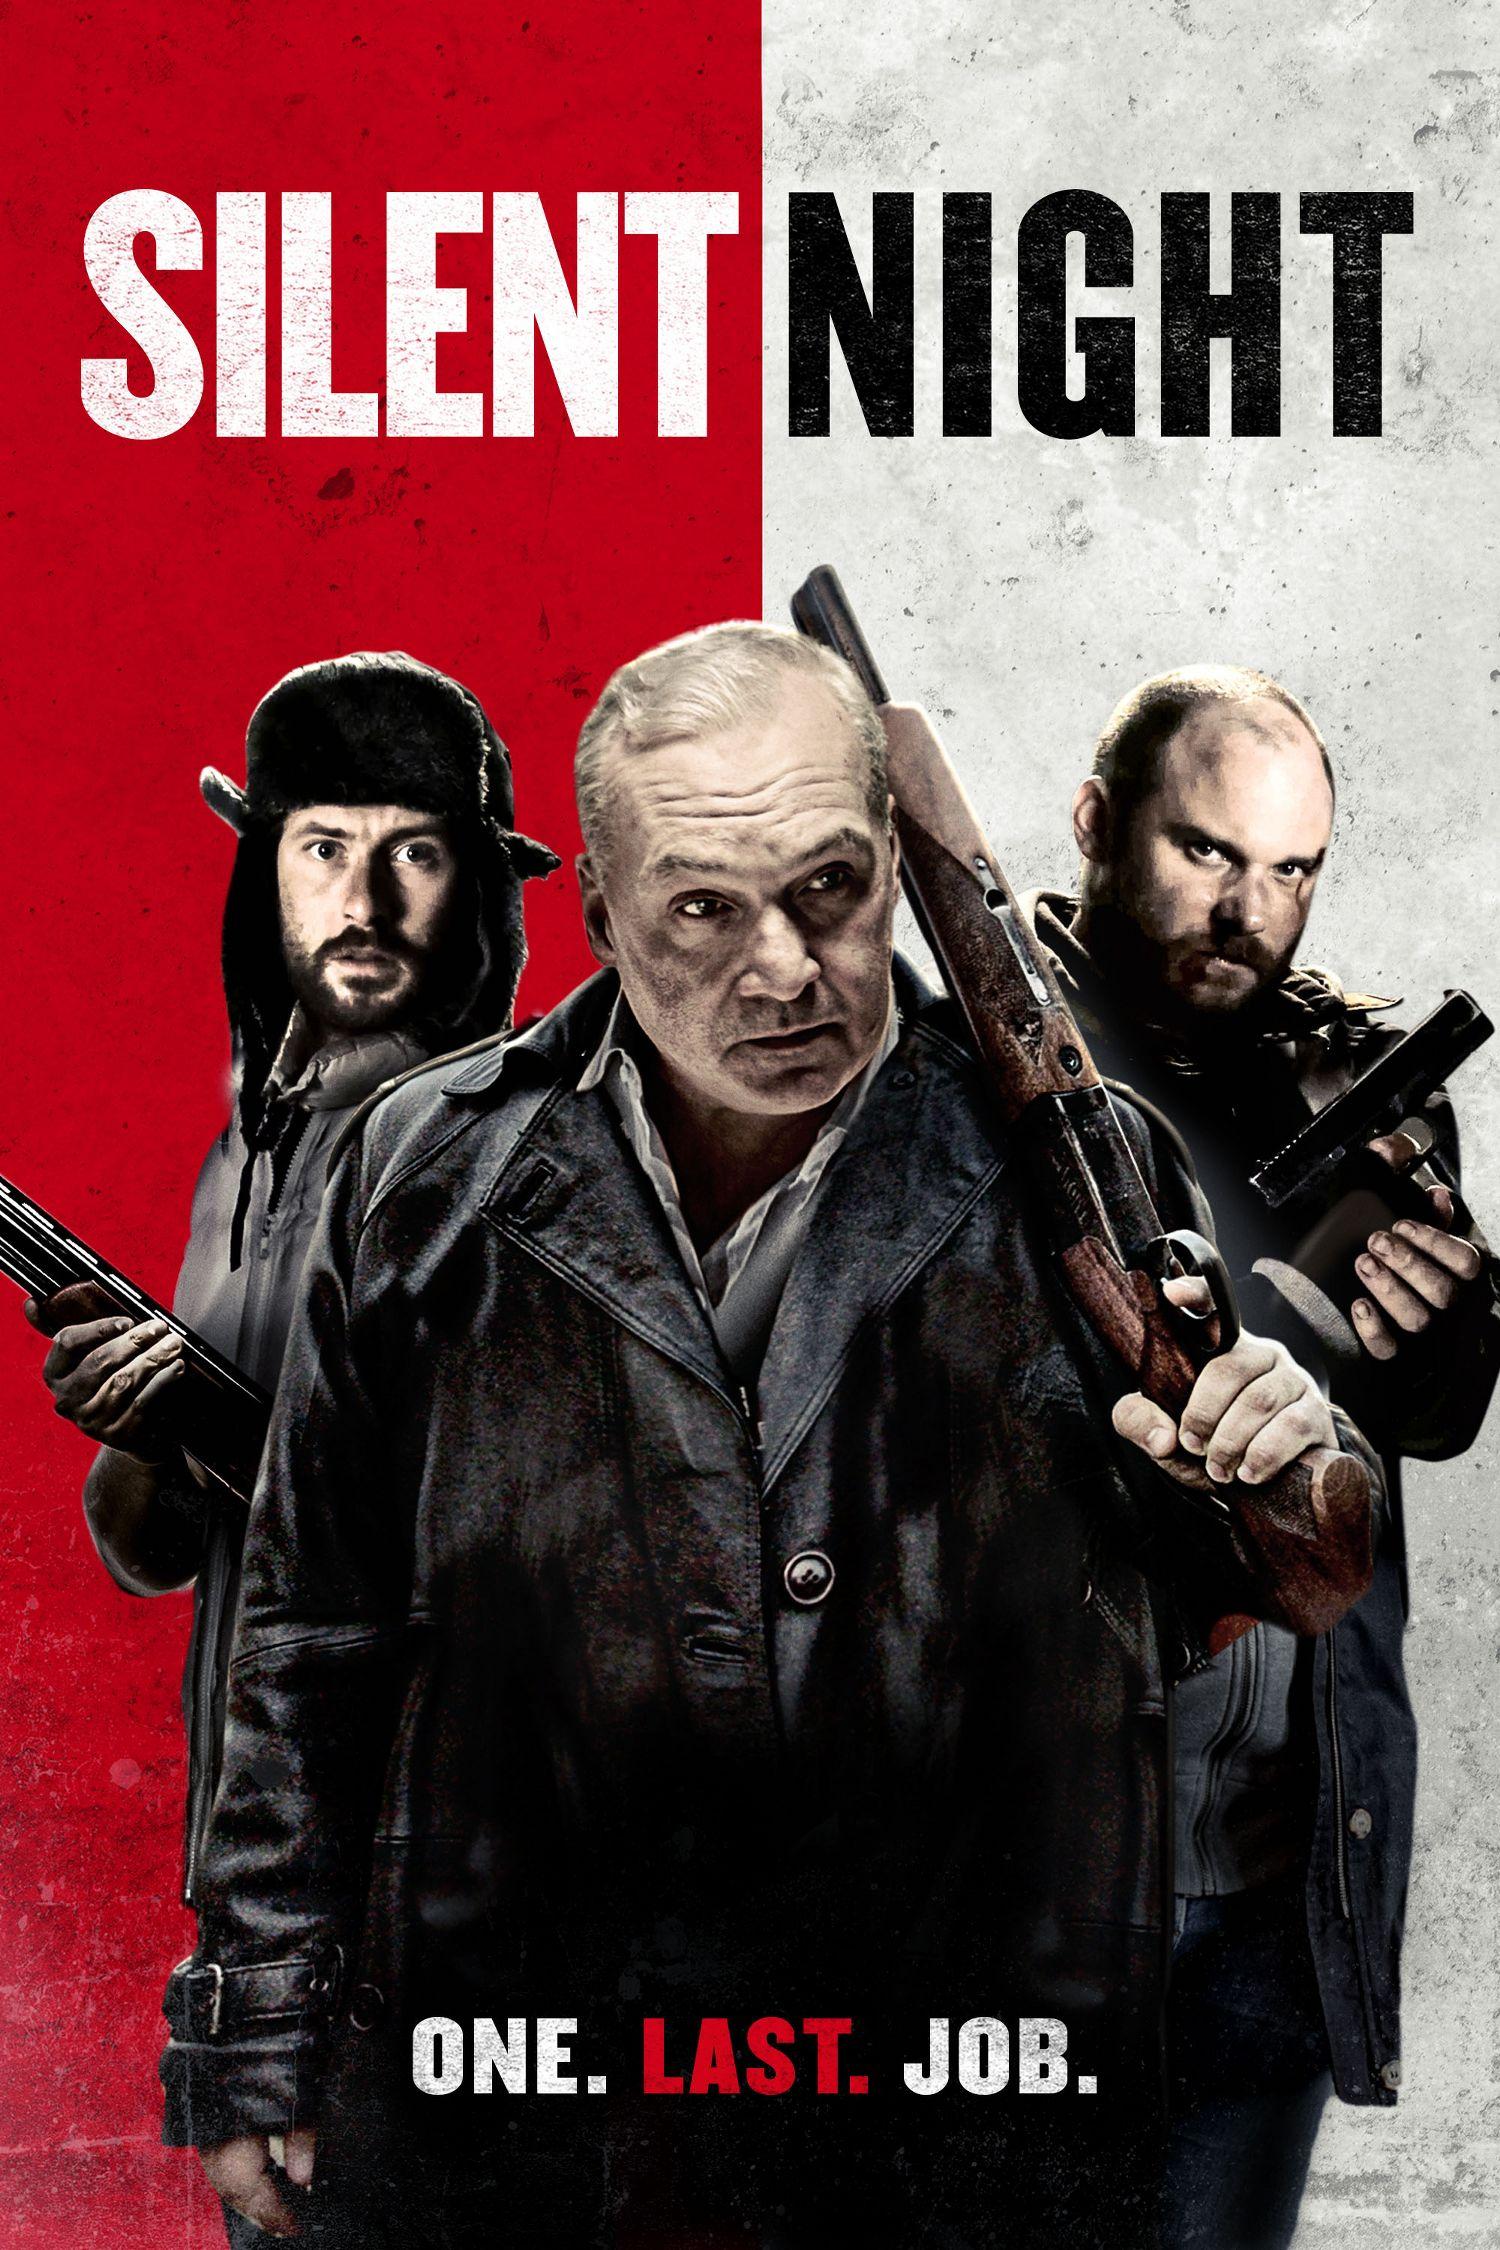 46199_5_SILENT_NIGHT_ITUNES_FILM_2000x3000